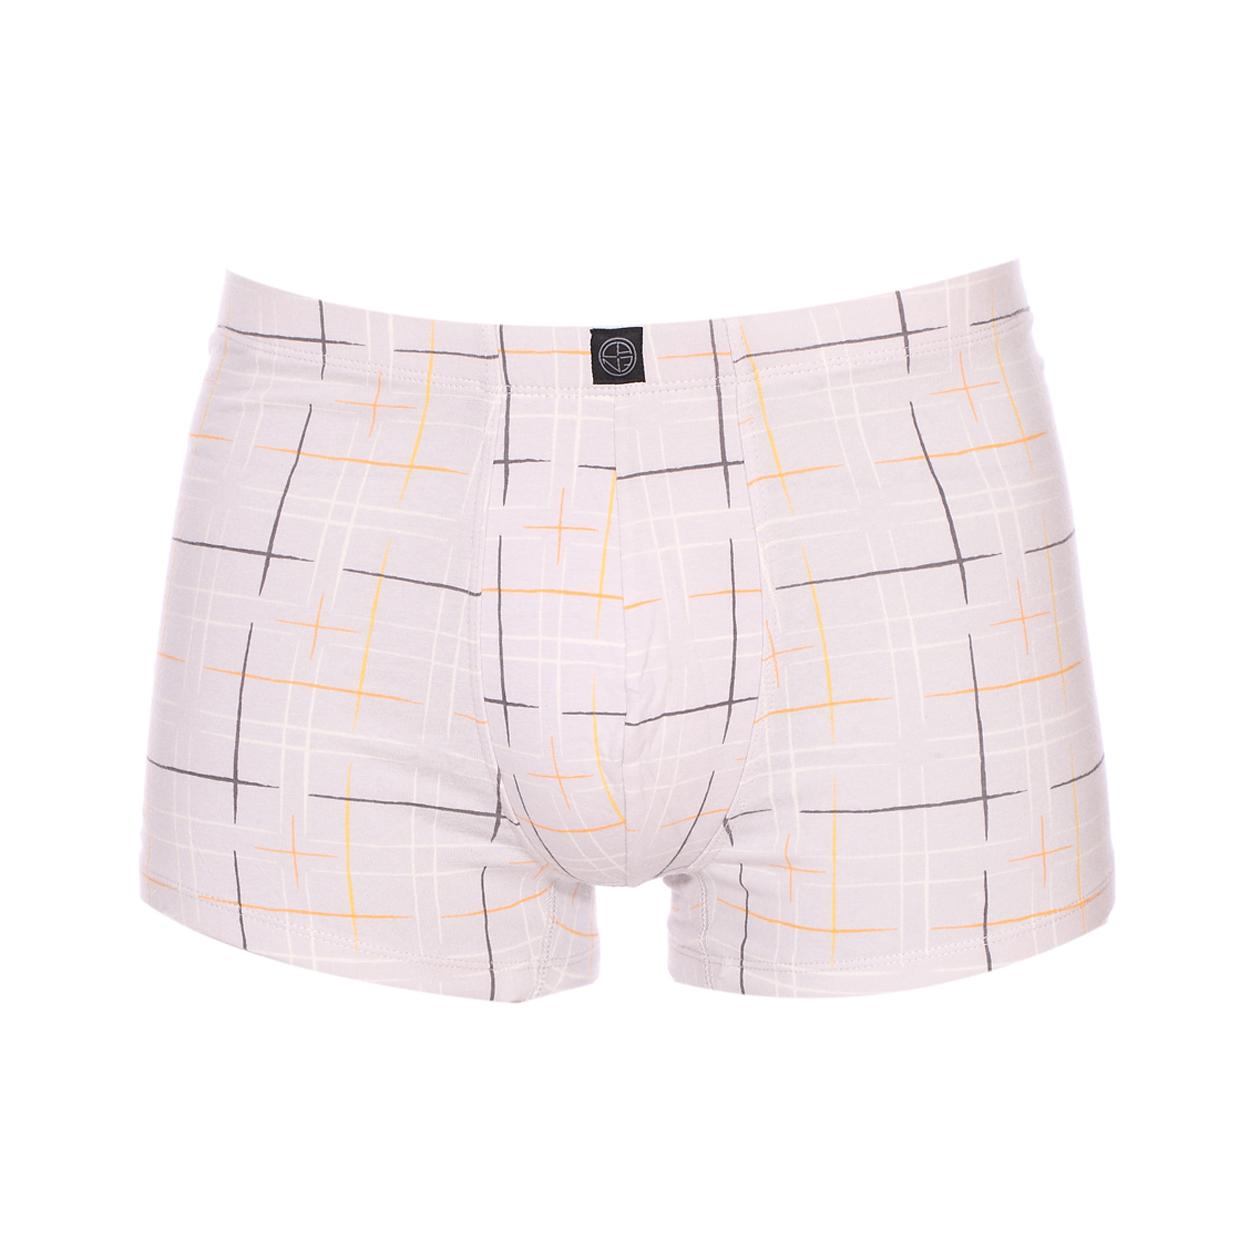 Boxer Christian Cane Fabrice en coton stretch gris clair à carrés blancs gris foncé, orange et jaunes